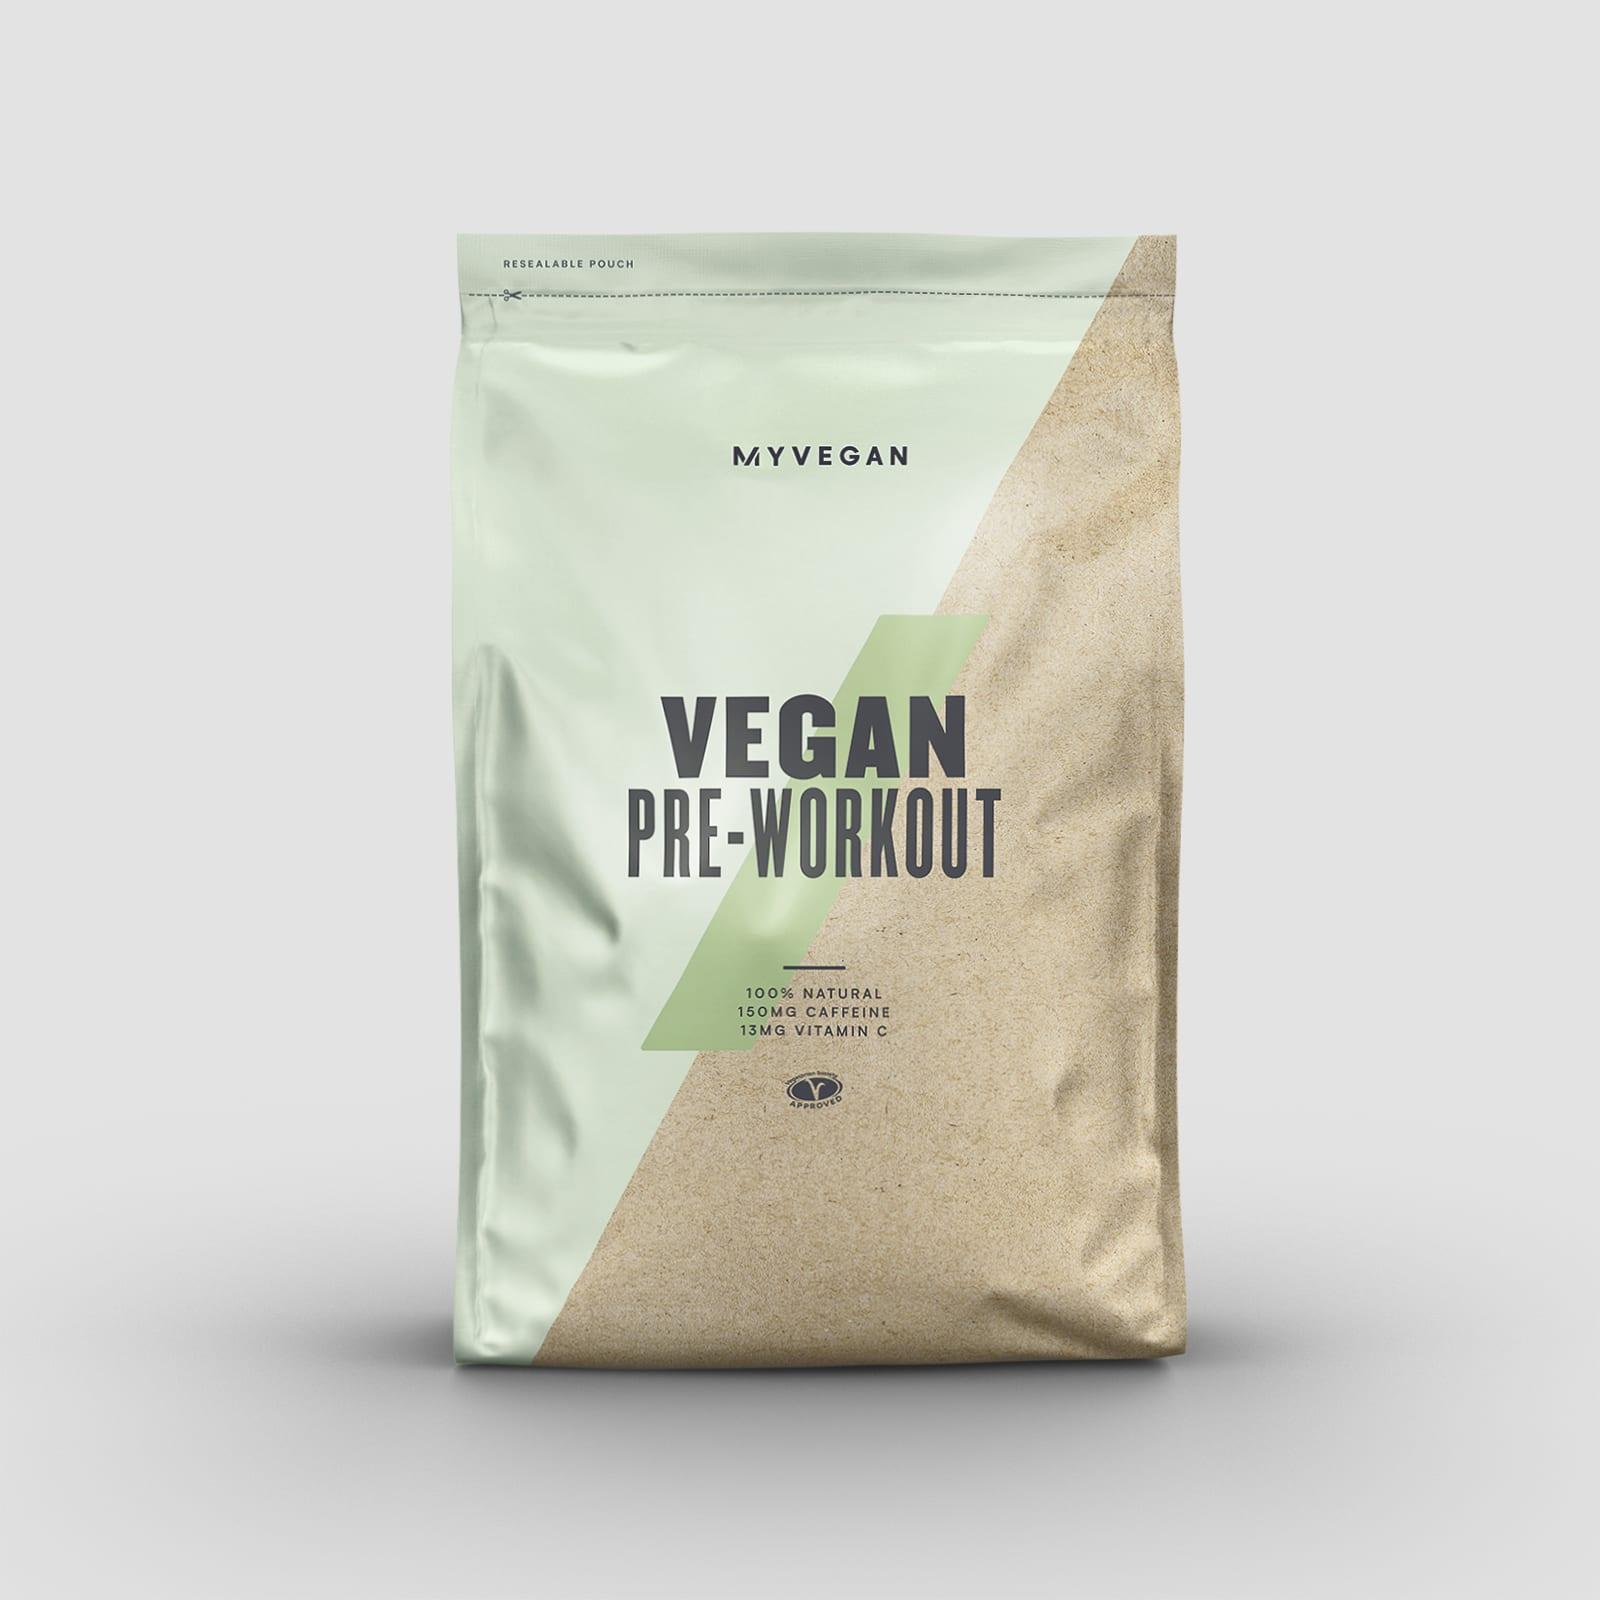 vegan pre-workout